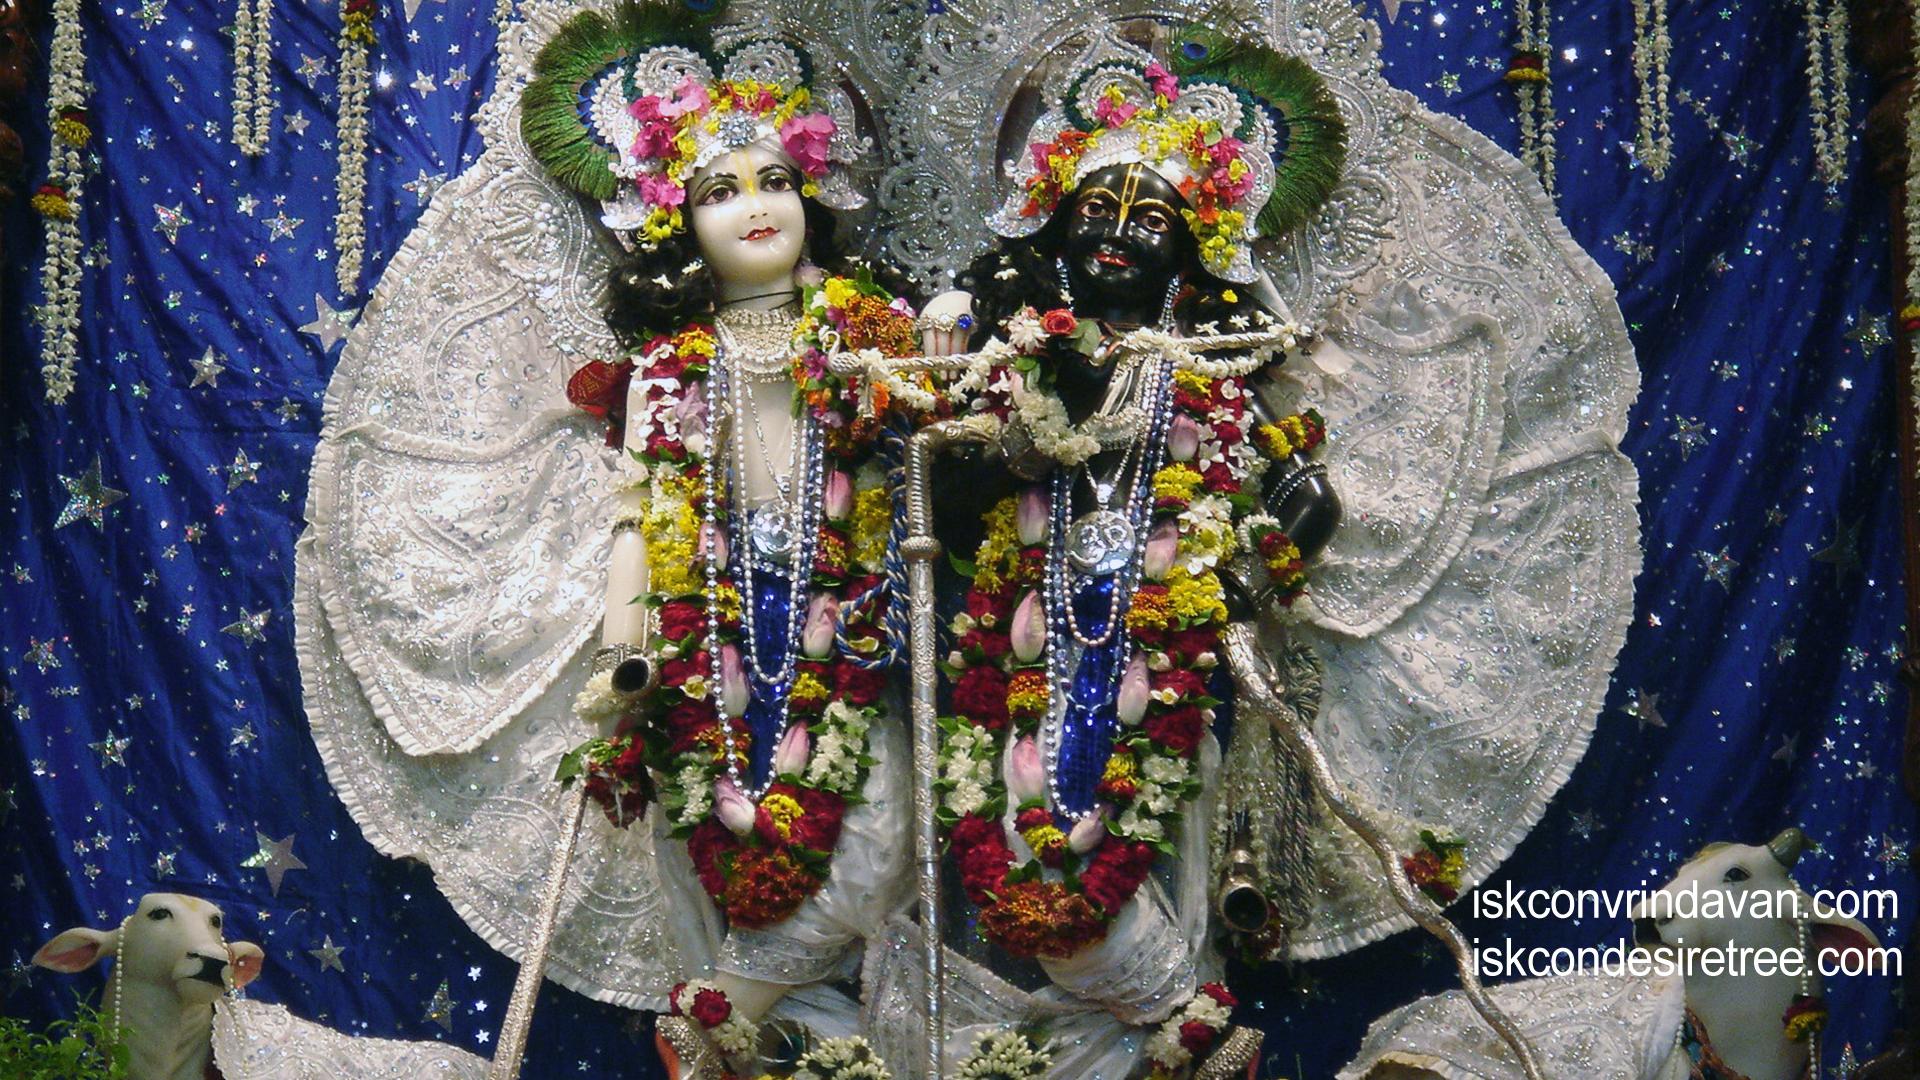 Sri Sri Krishna Balaram Wallpaper (026) Size 1920x1080 Download